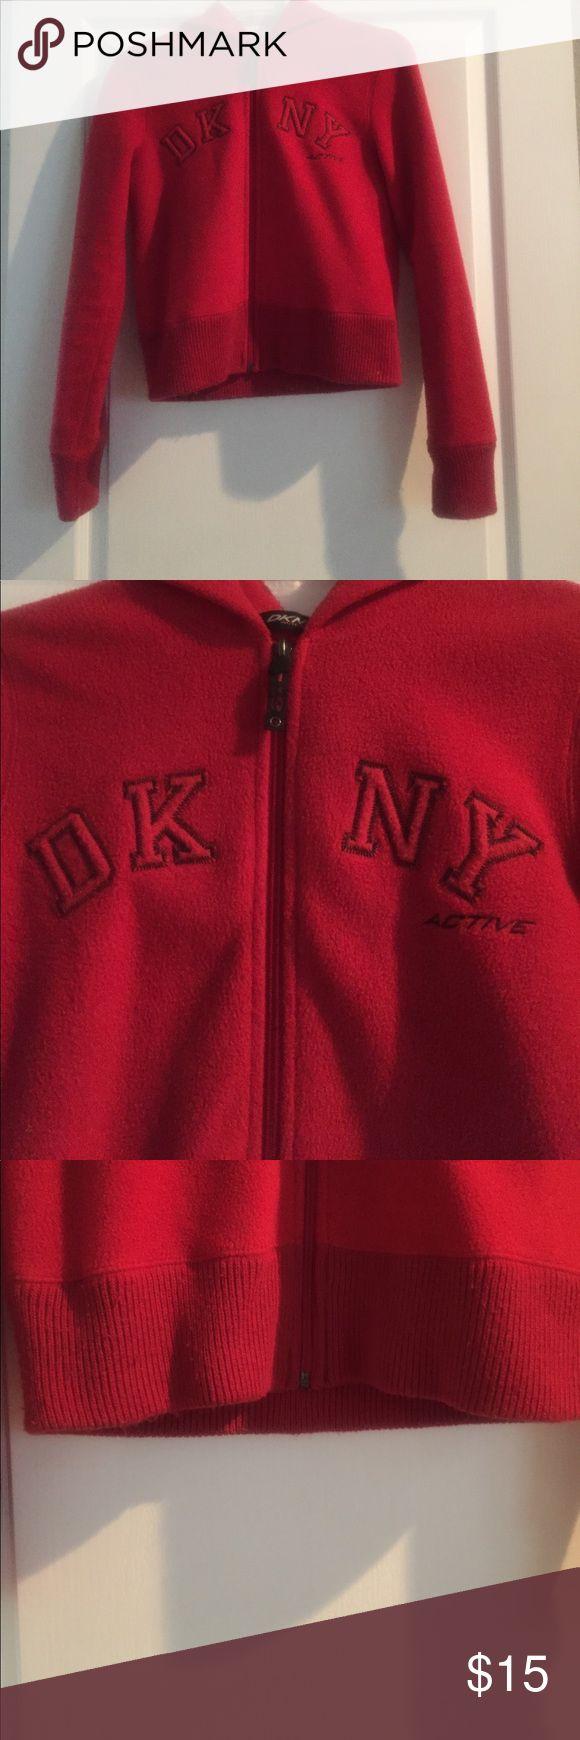 DKNY Hoodie Red DKNY hoodie. Super sweet soft and comfy. Dkny Tops Sweatshirts & Hoodies